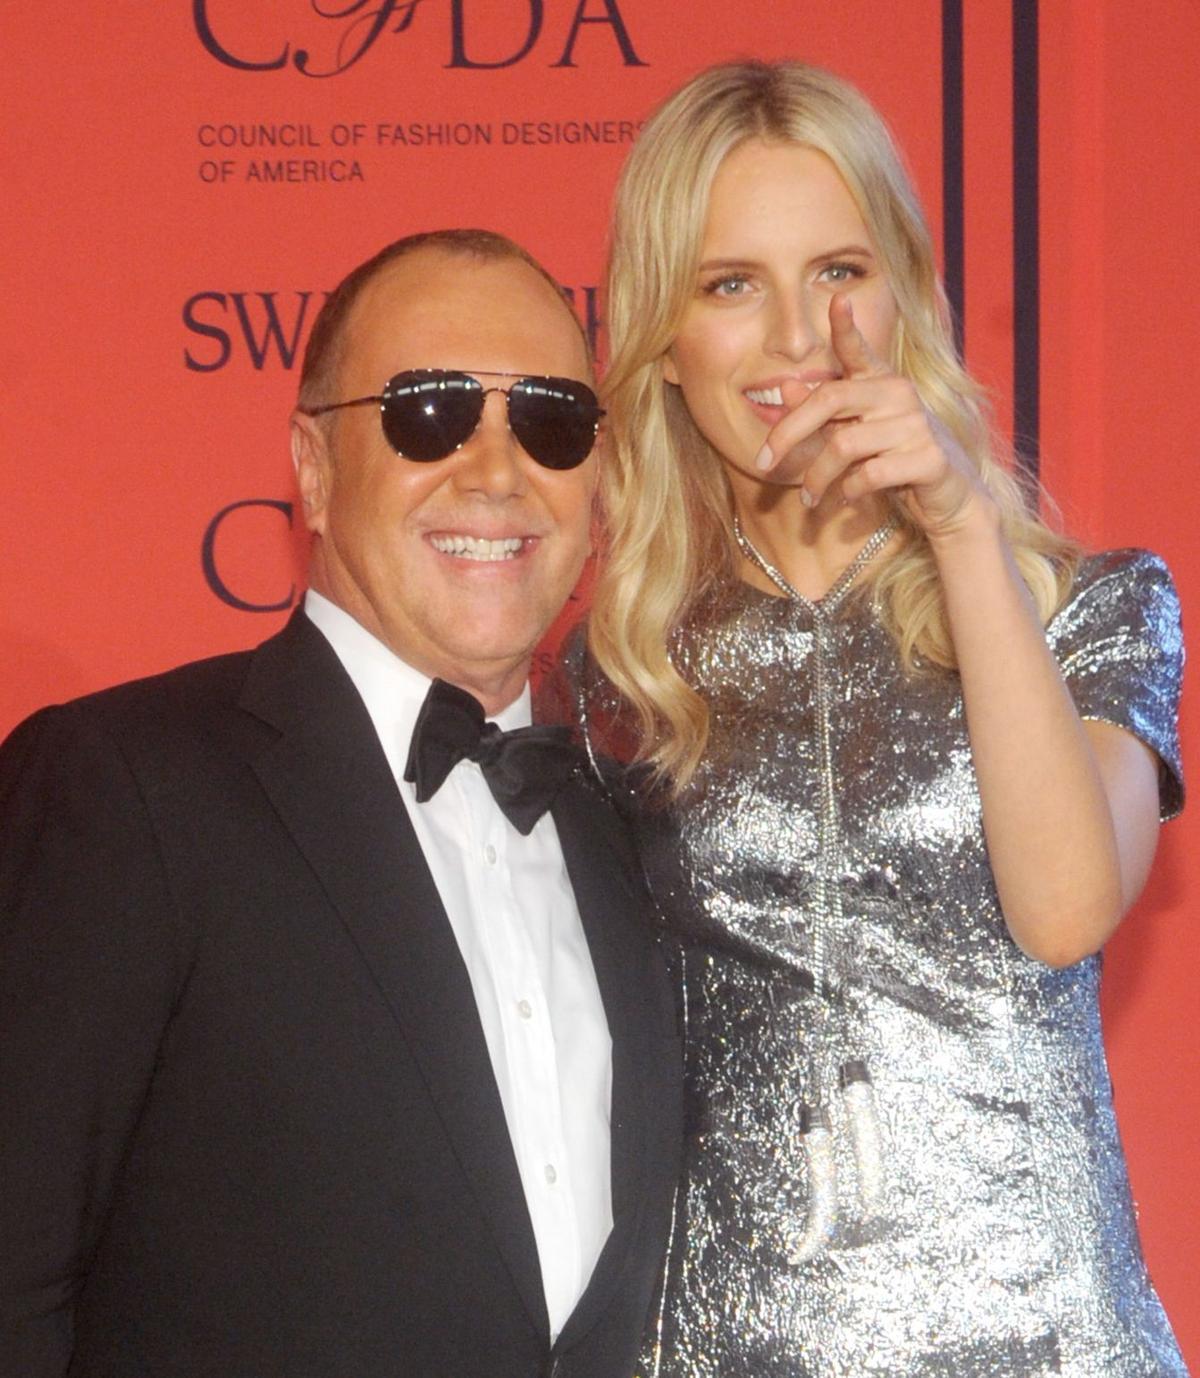 Fashion world, Hollywood celebrate style